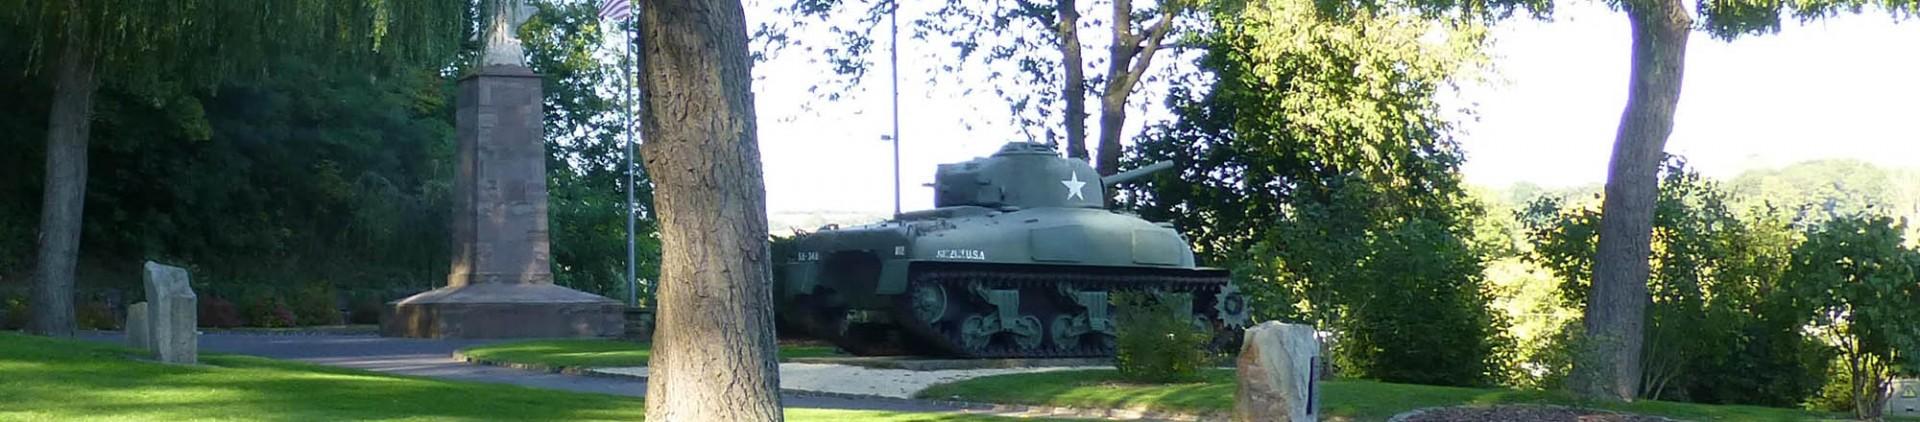 LAND OF MEMORY für Gruppen - Luxemburg